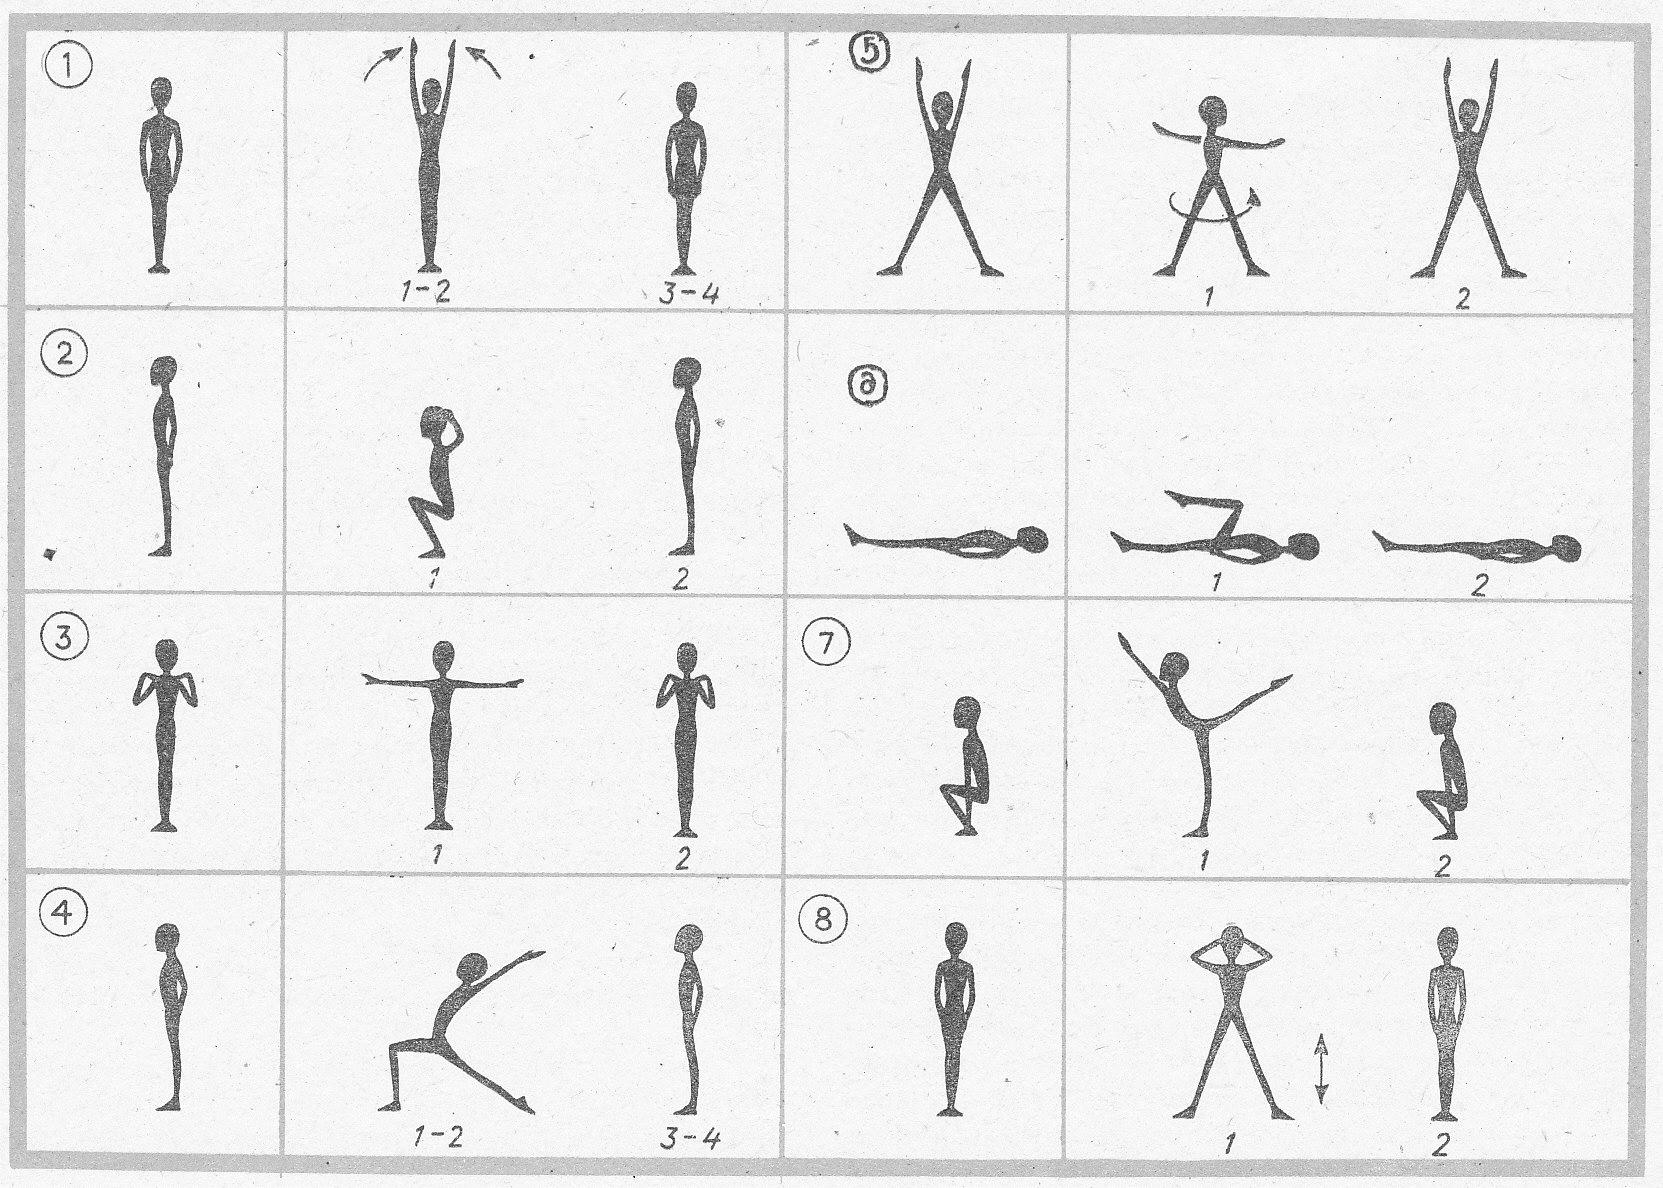 почему упражнения с предметом в картинках очень быстро сошлись